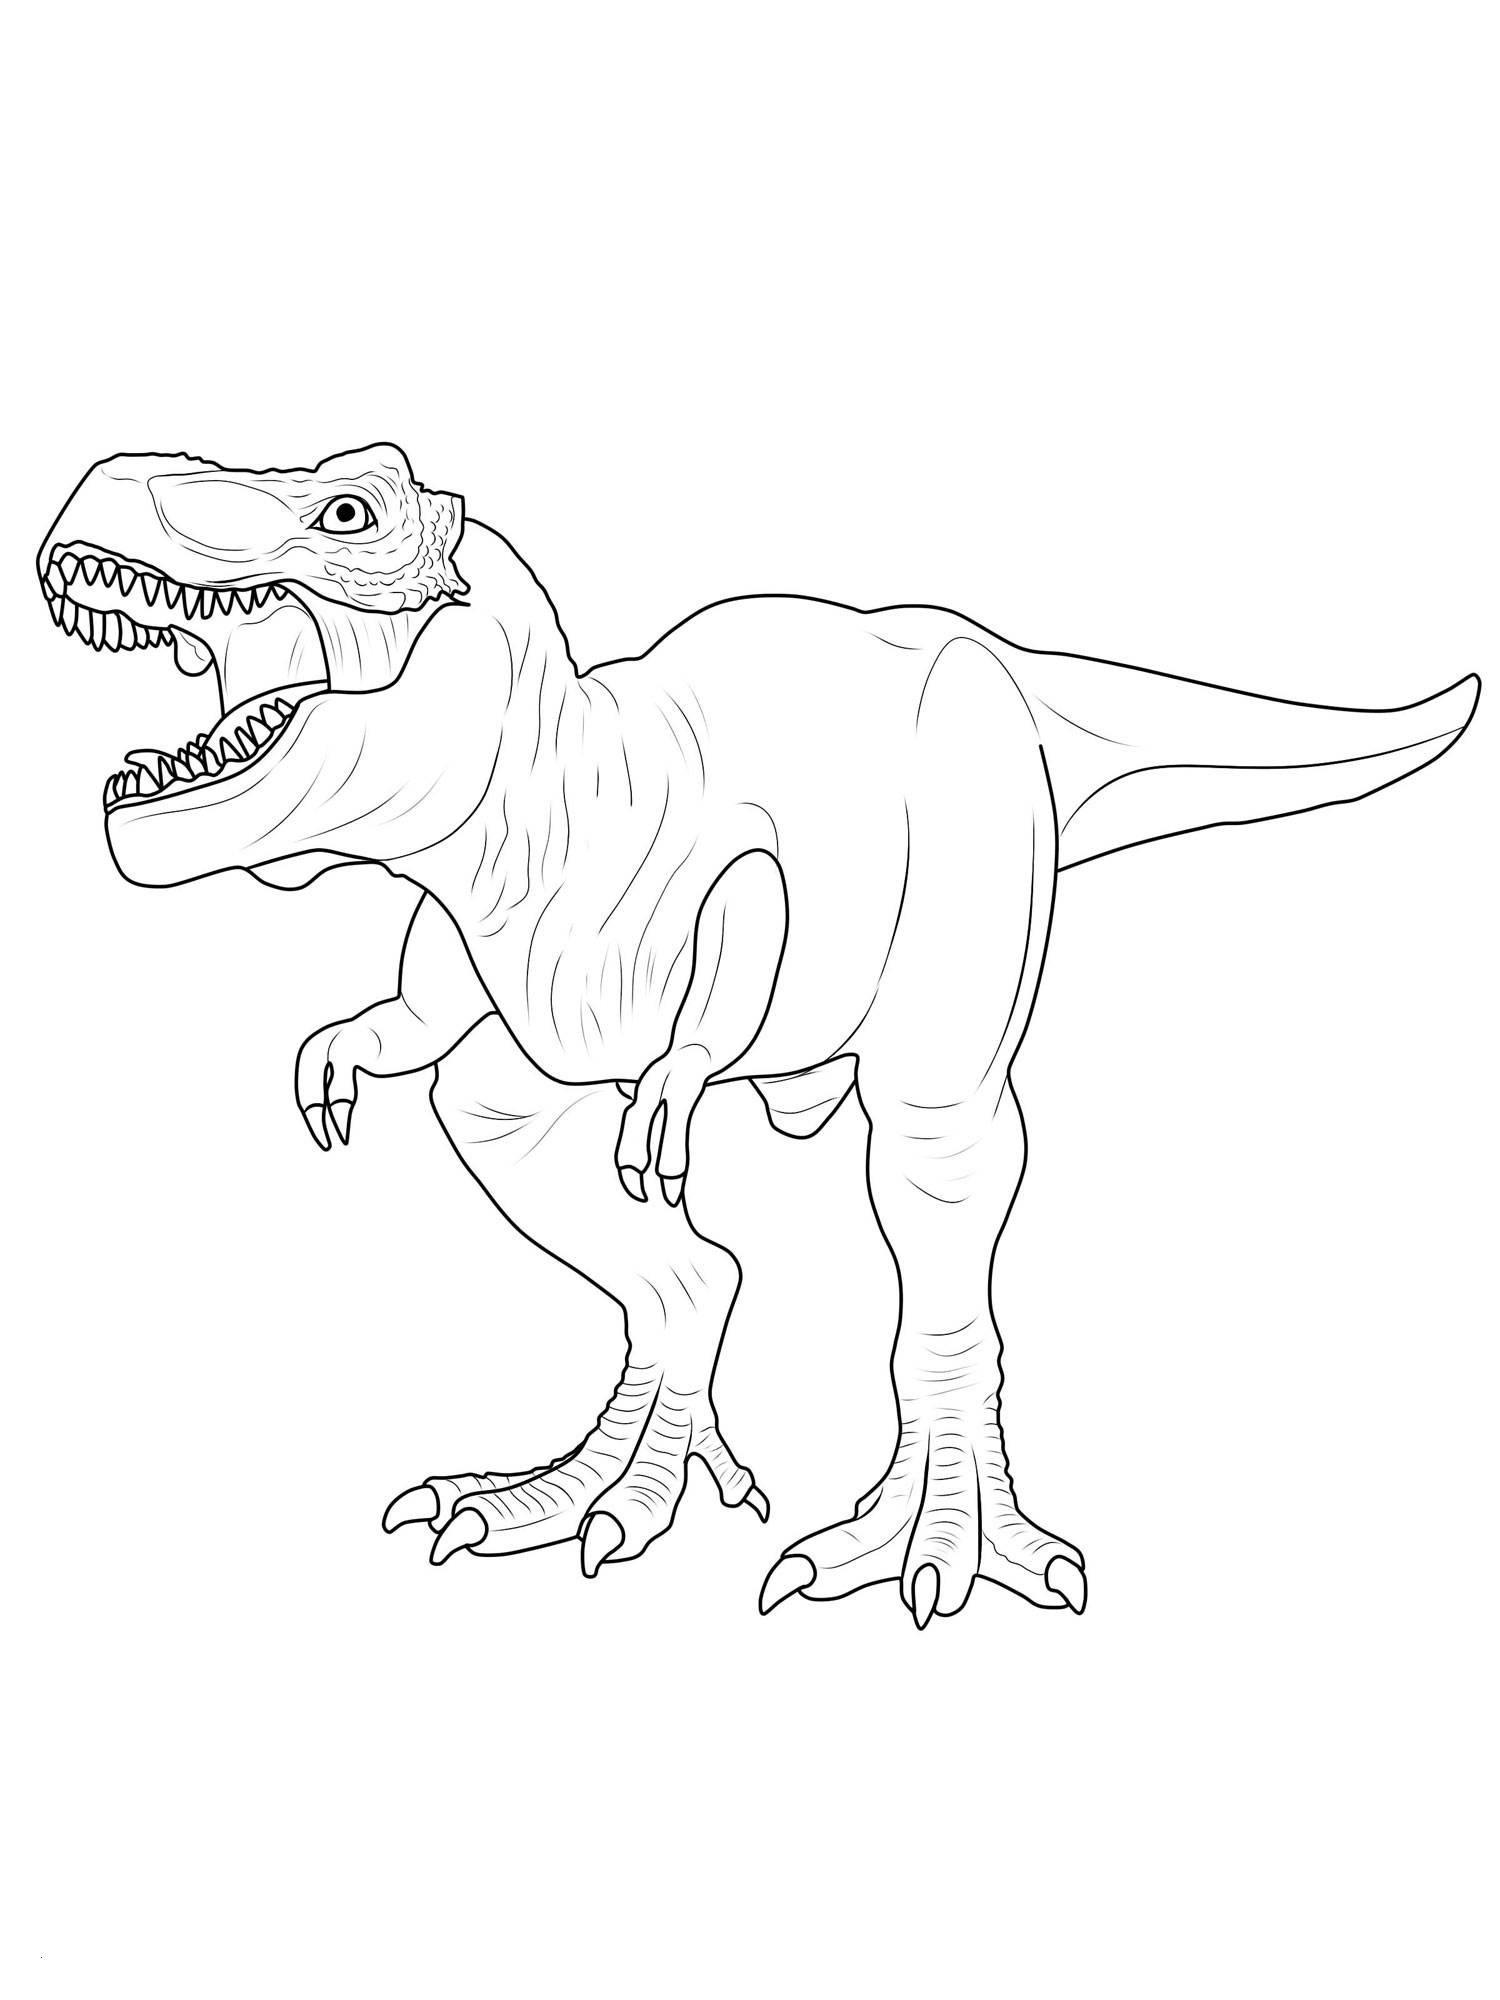 Ausmalbild T-rex Frisch 40 Ausmalbilder Dinosaurier Rex Scoredatscore Einzigartig Fotos